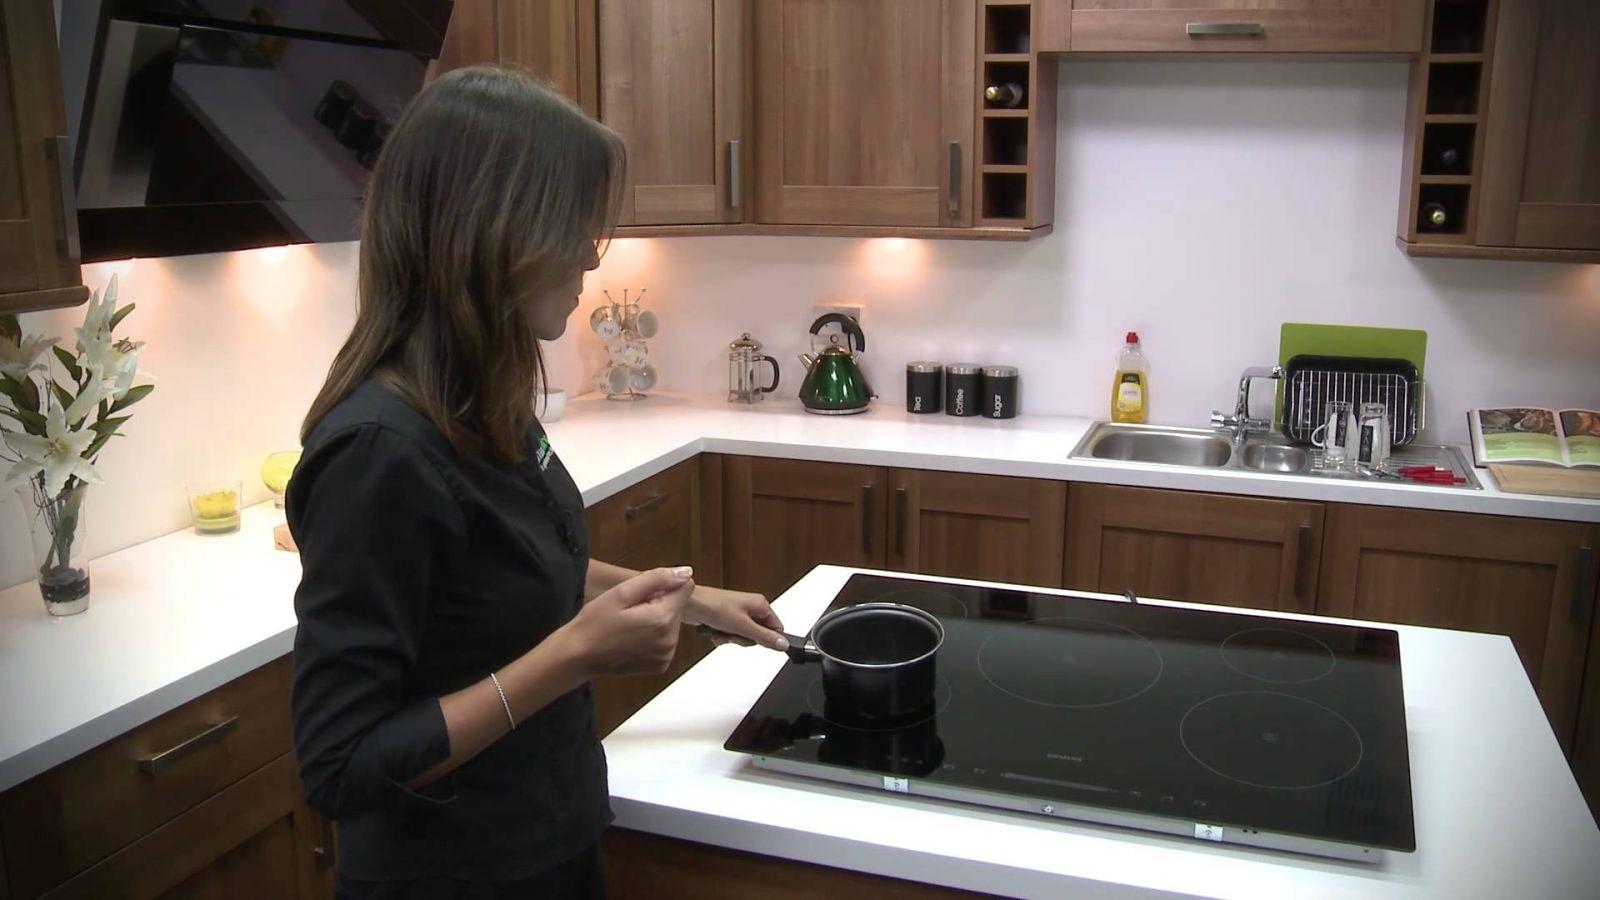 3 Lỗi Cơ Bản Hay Gặp Khi Sử Dụng Bếp Điện Từ